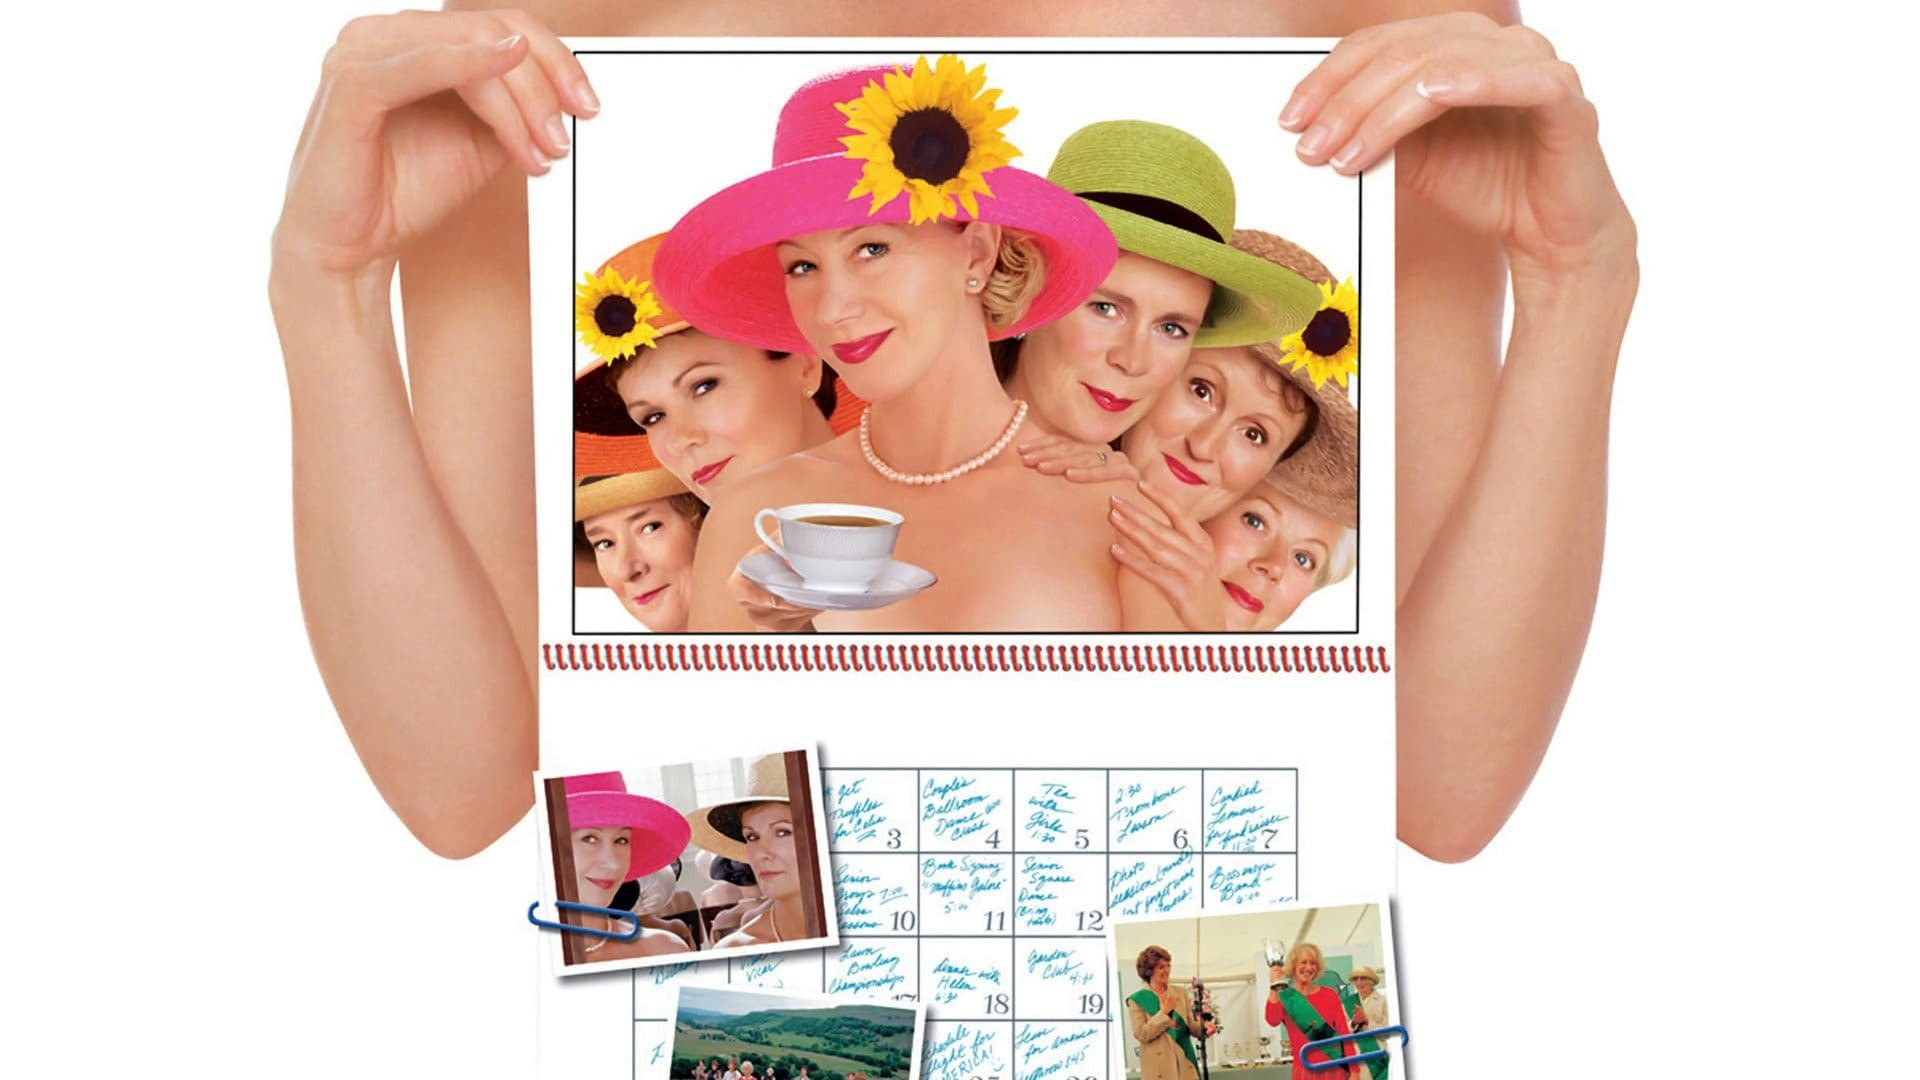 Calendario Laboral 2019 formentera Más Populares Las Chicas Del Calendario Of Calendario Laboral 2019 formentera Más Recientes 26 10 15 Md